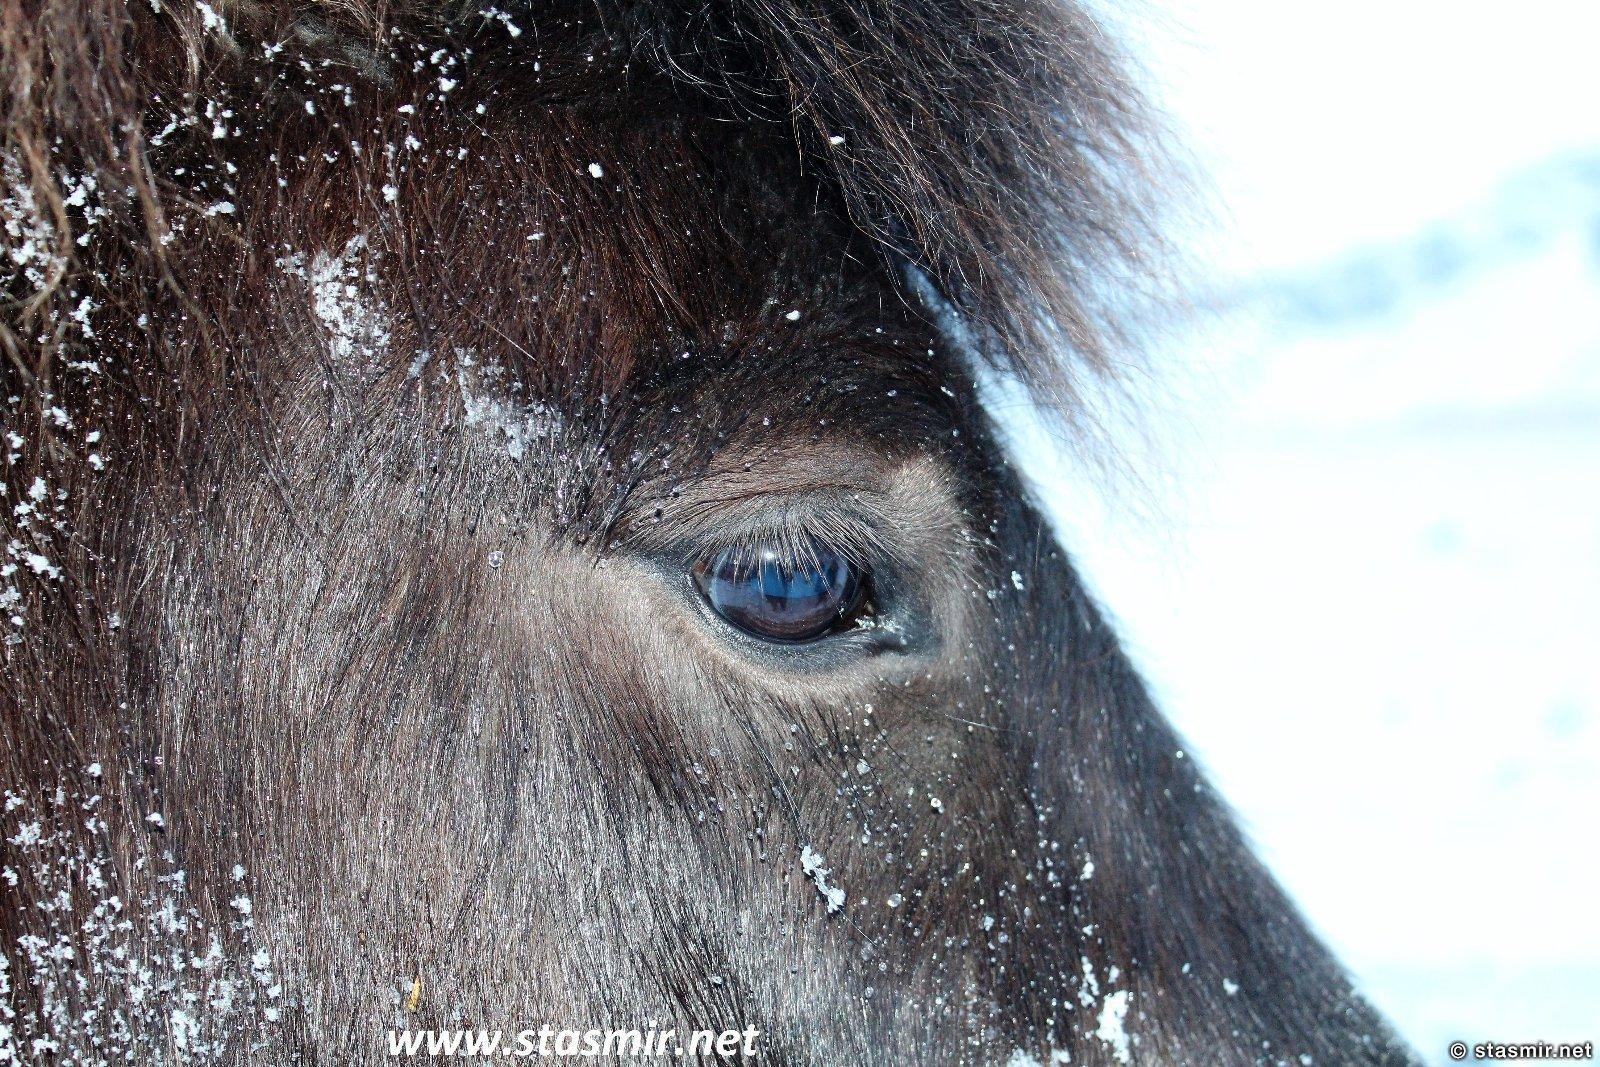 глаза исландской лошадки, исландская порода лошади, исландские лошади зимой, фото Стасмир, photo Stasmir